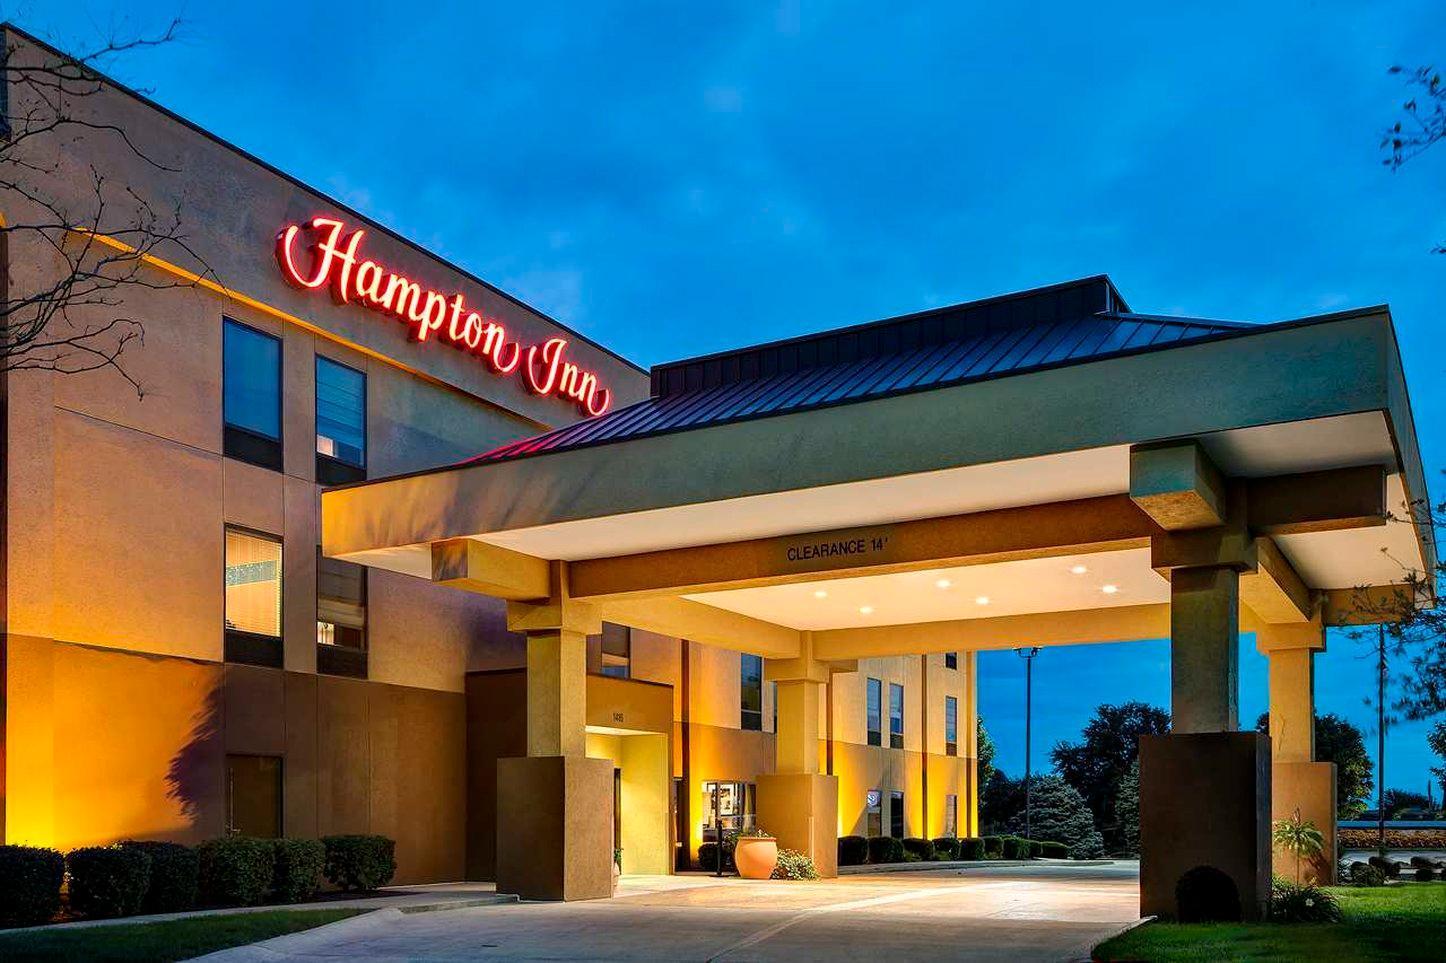 Hampton Inn Mattoon